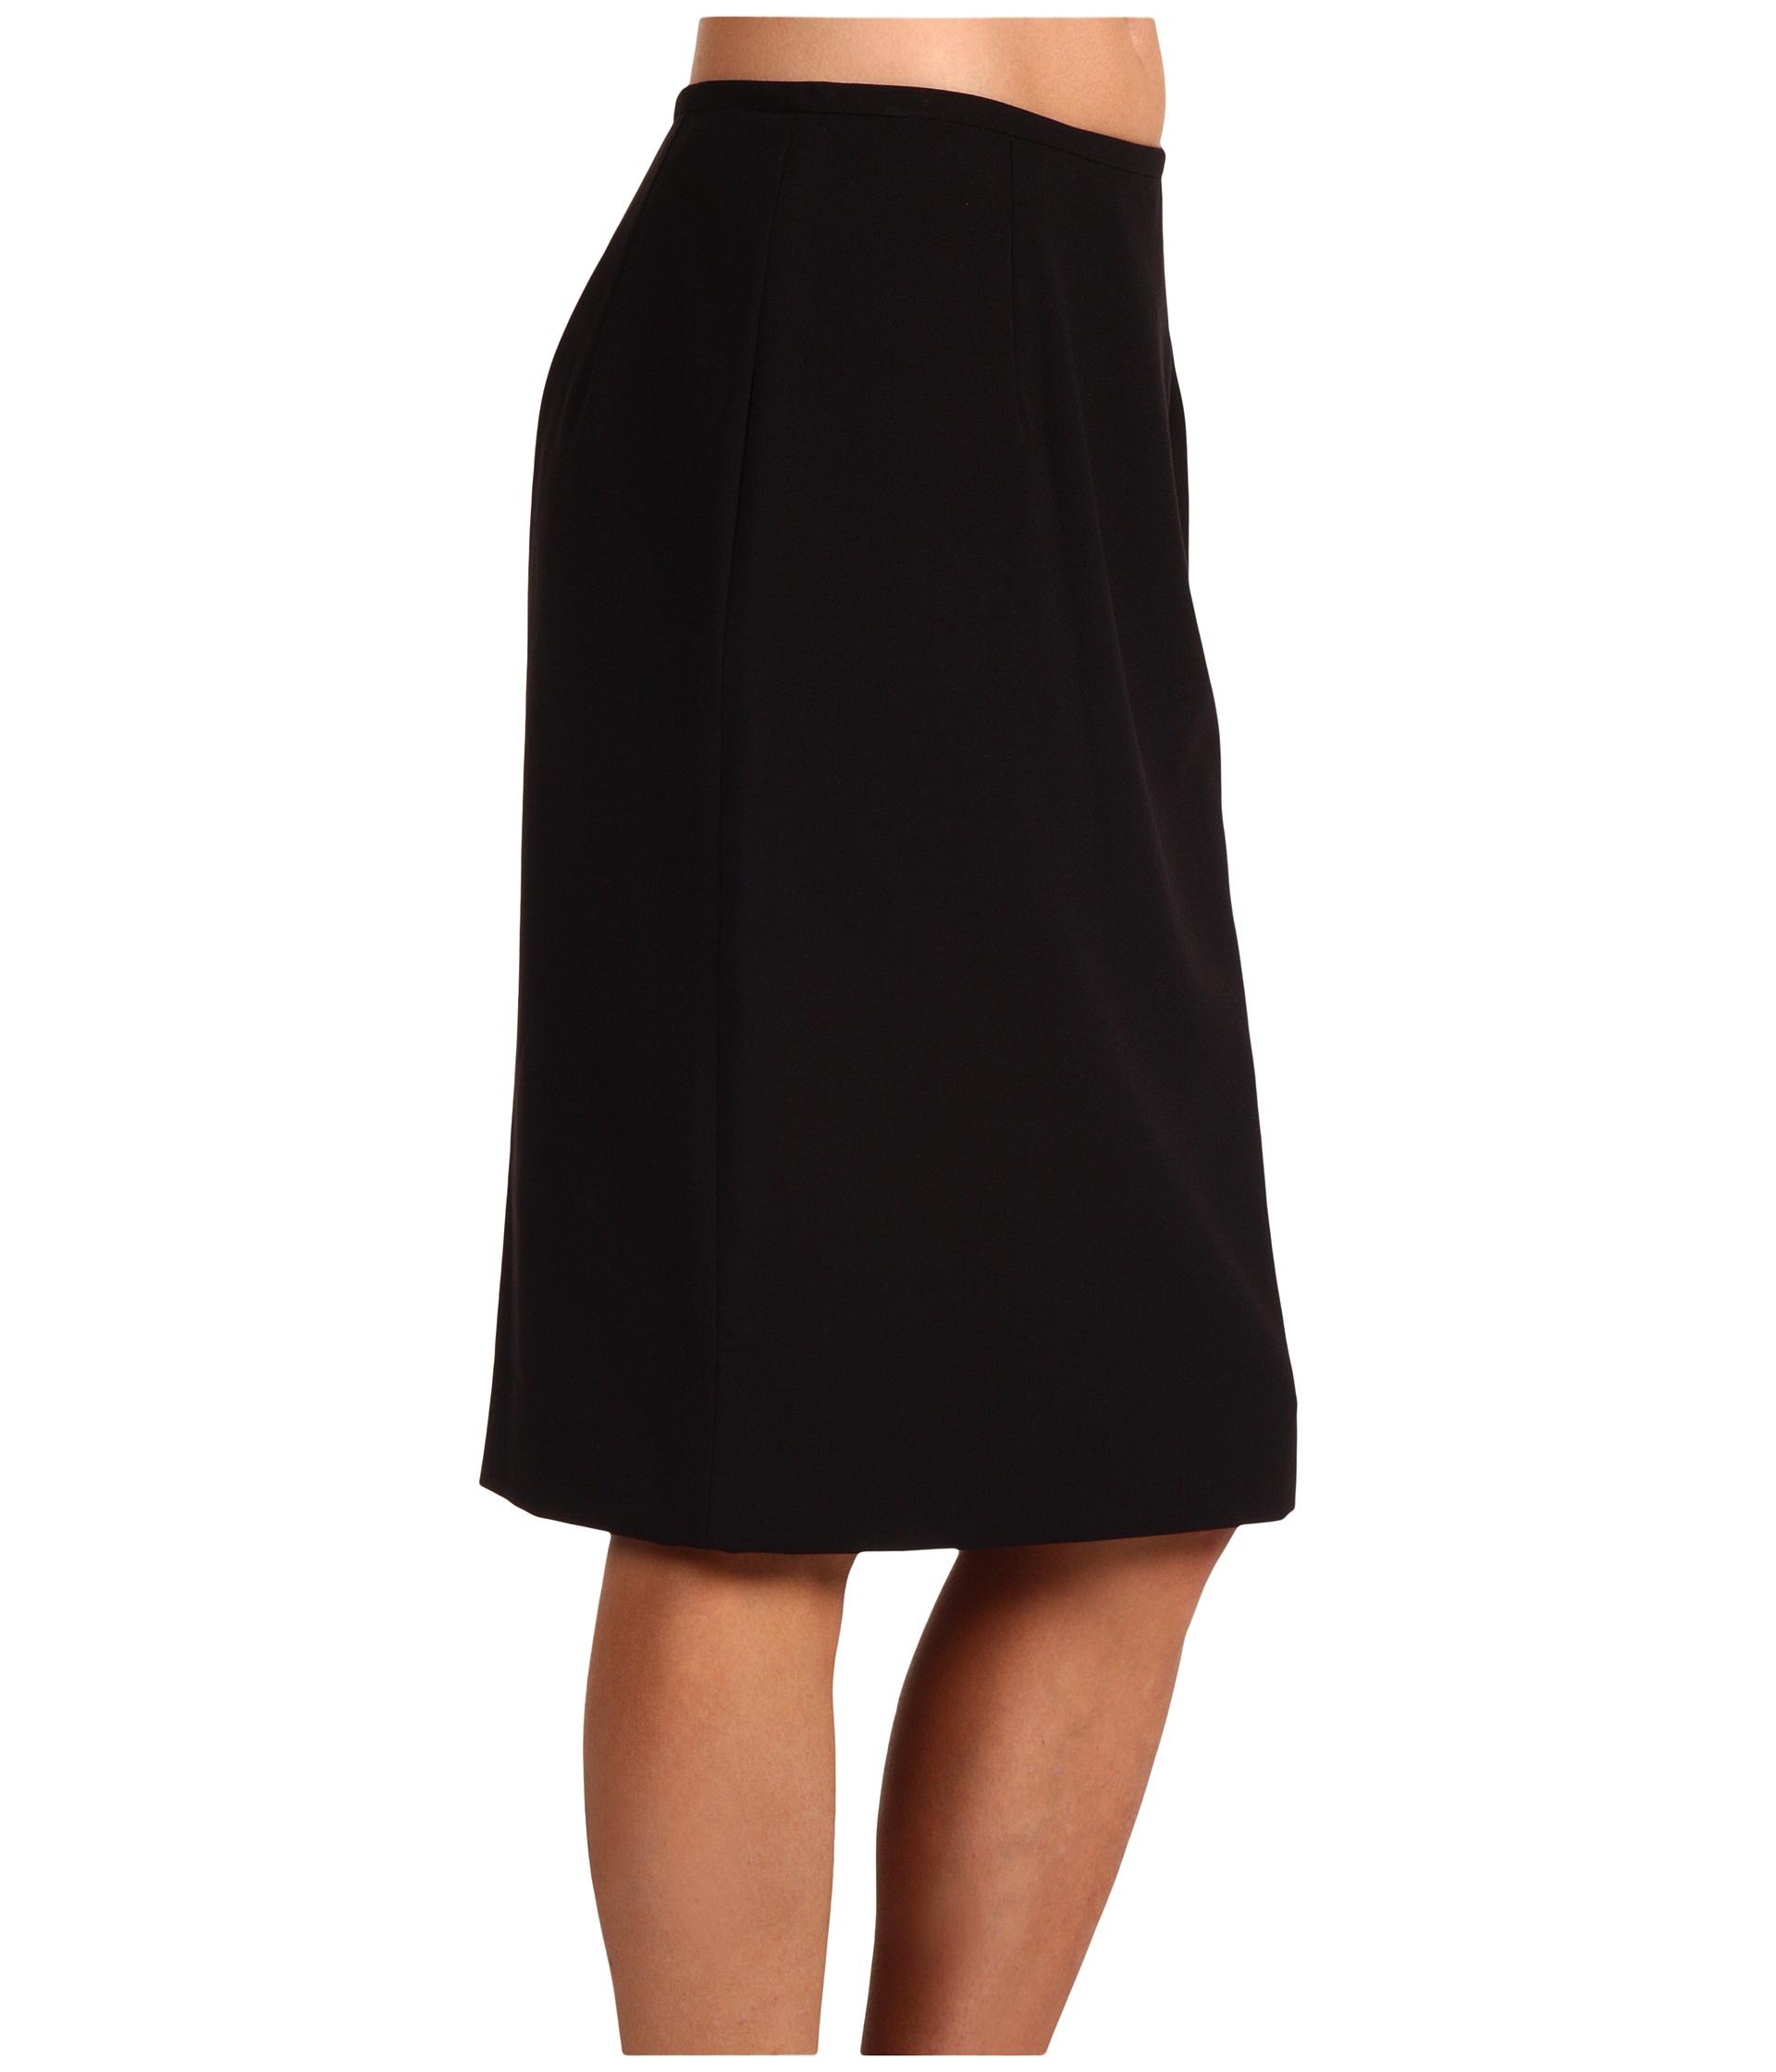 calvin klein pencil skirt at zappos